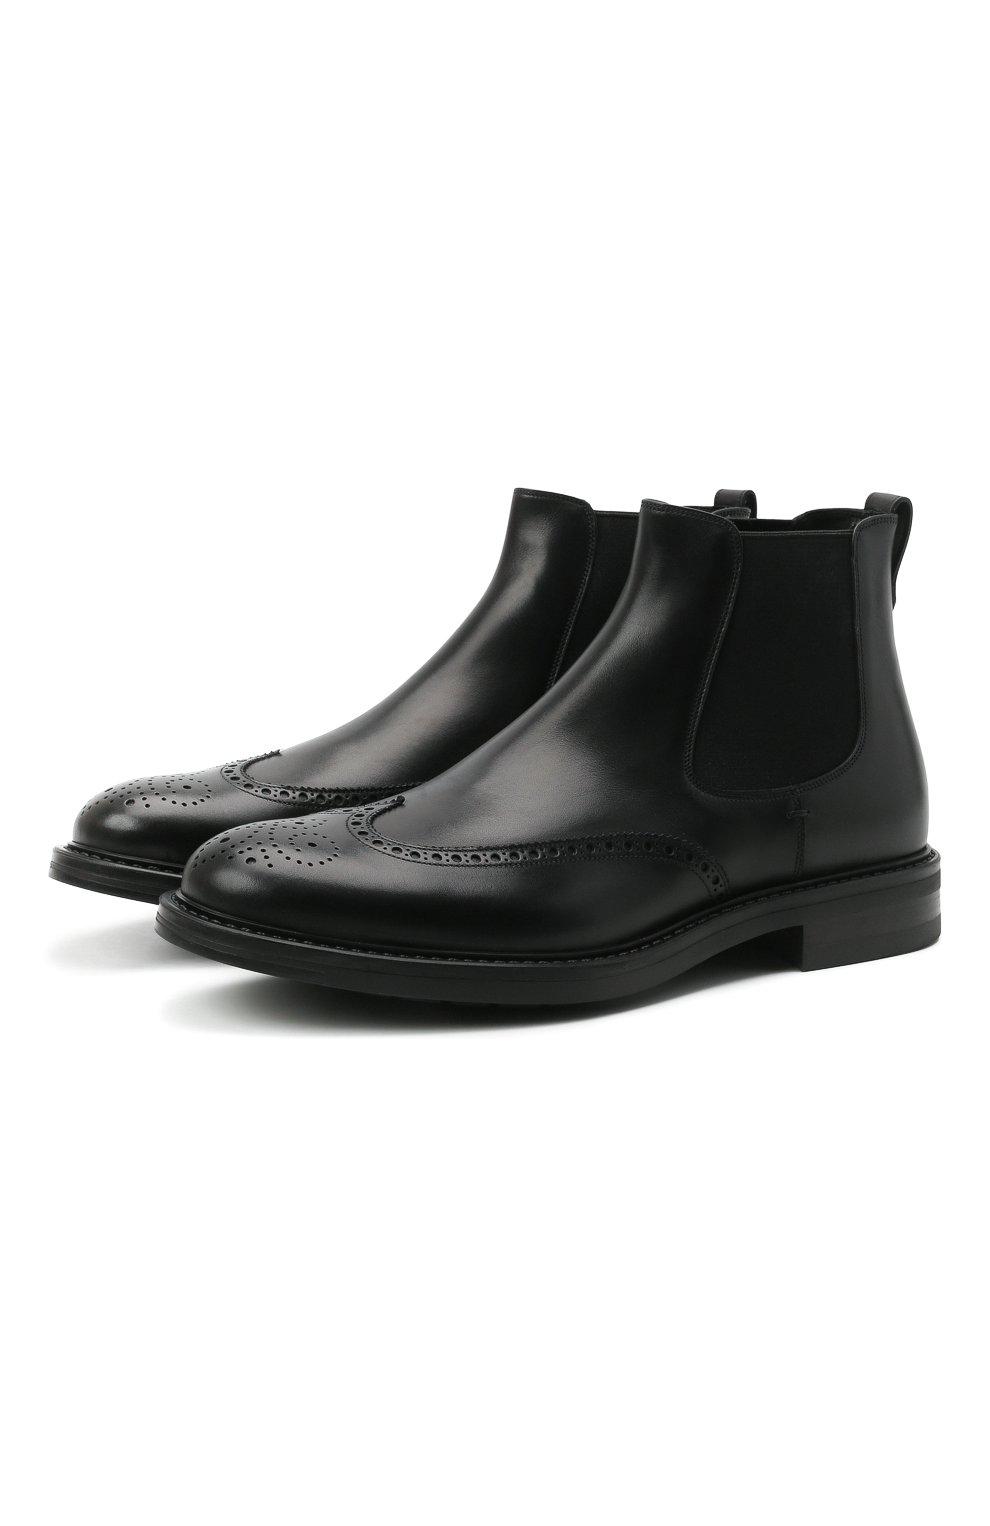 Мужские кожаные челси W.GIBBS черного цвета, арт. 3169004/0214 | Фото 1 (Материал внутренний: Натуральная кожа; Подошва: Плоская; Мужское Кросс-КТ: Сапоги-обувь, Челси-обувь)